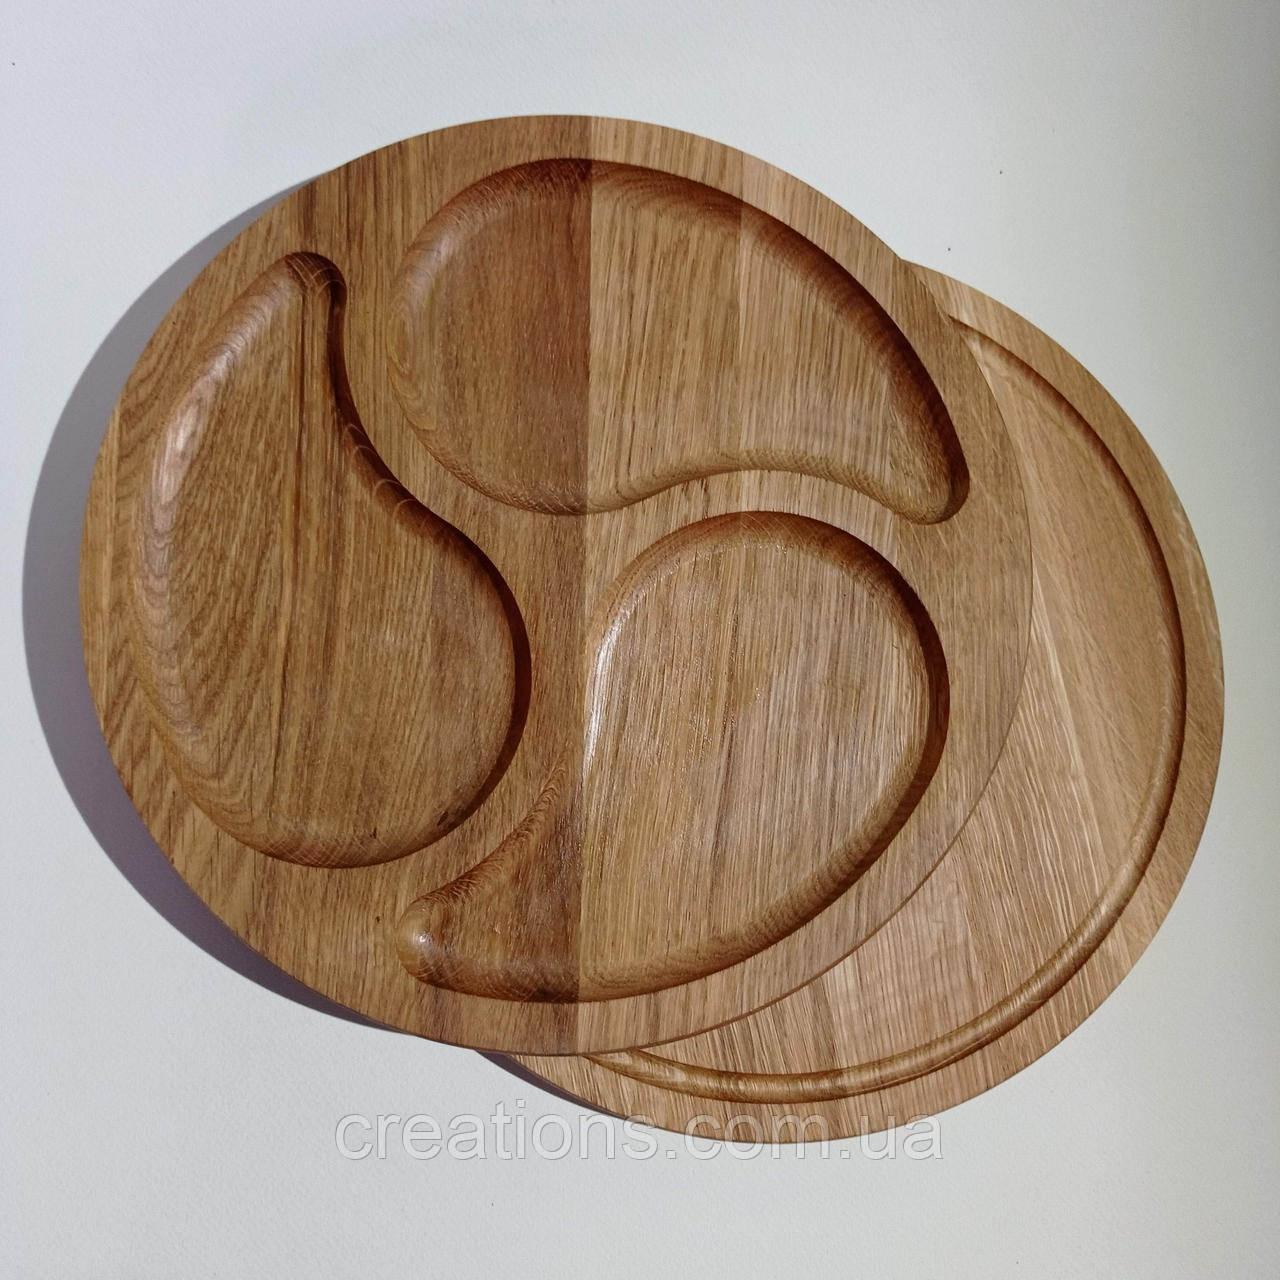 Менажница деревянная доска для подачи блюд 30 см. круглая из дуба на 3 деления, двусторонняя